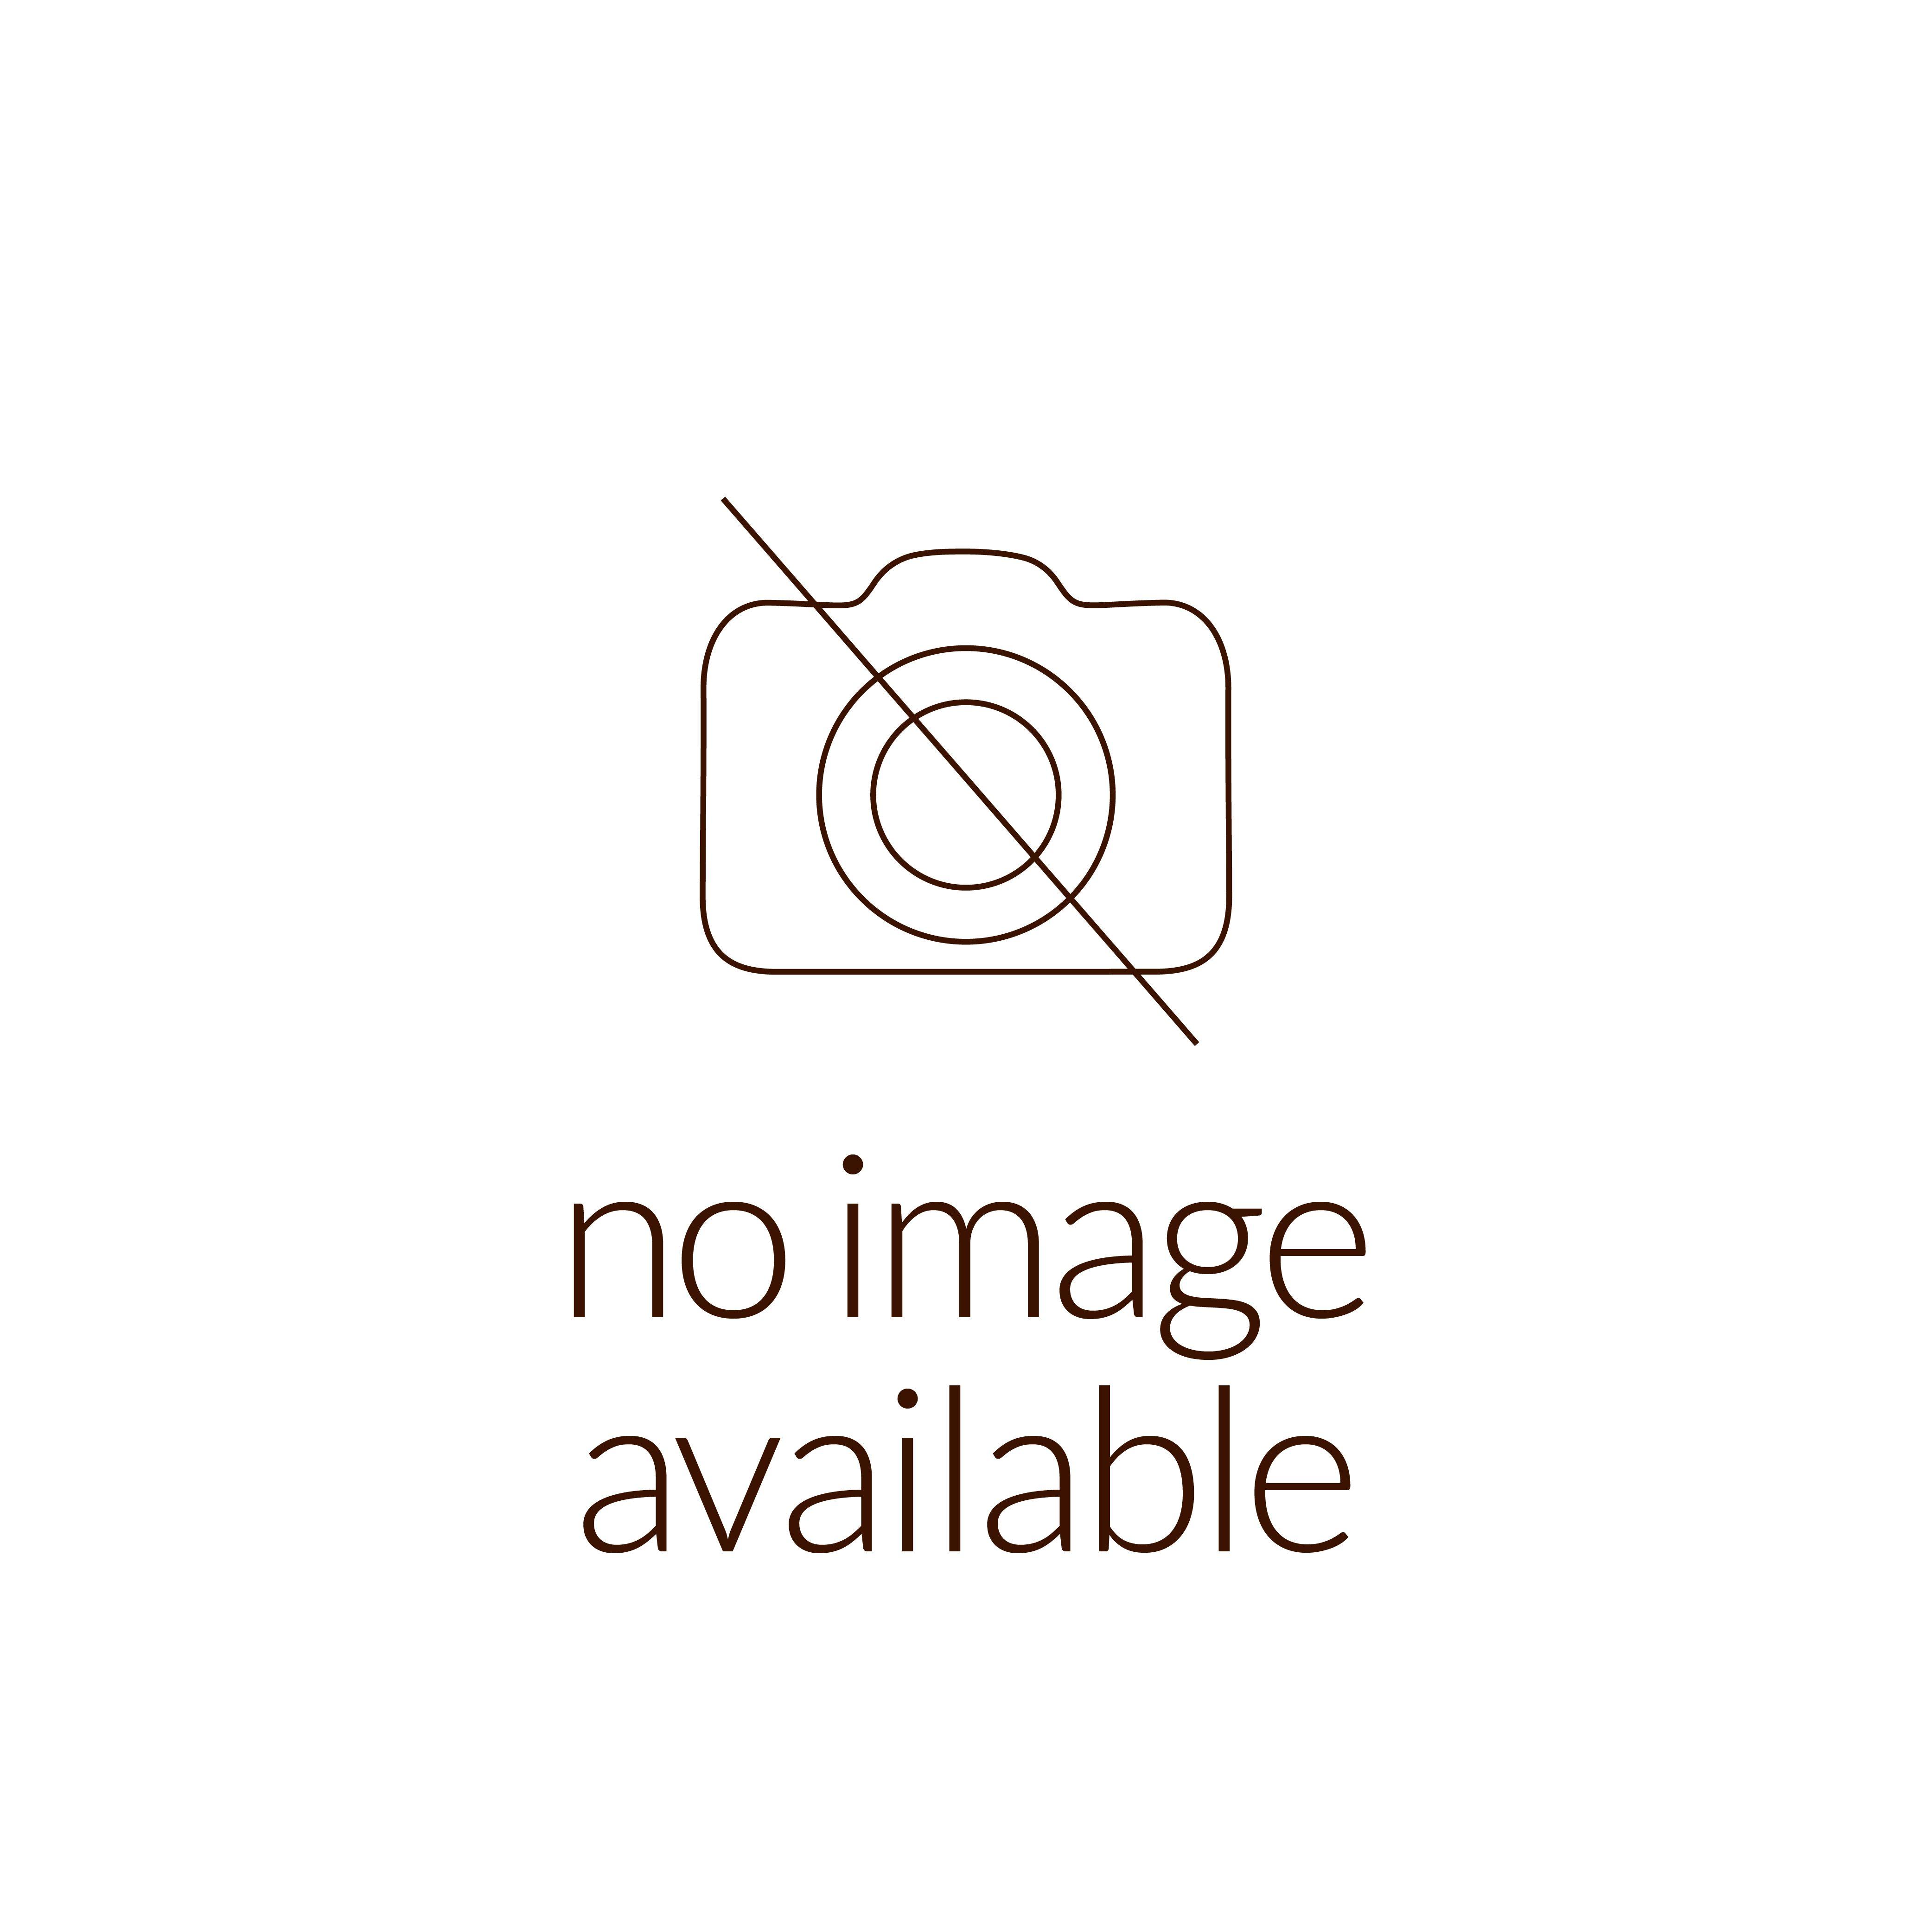 צמיד קשיח זהב 14 קראט בשילוב אבני ספיר אדום ויהלומים 0.06CT